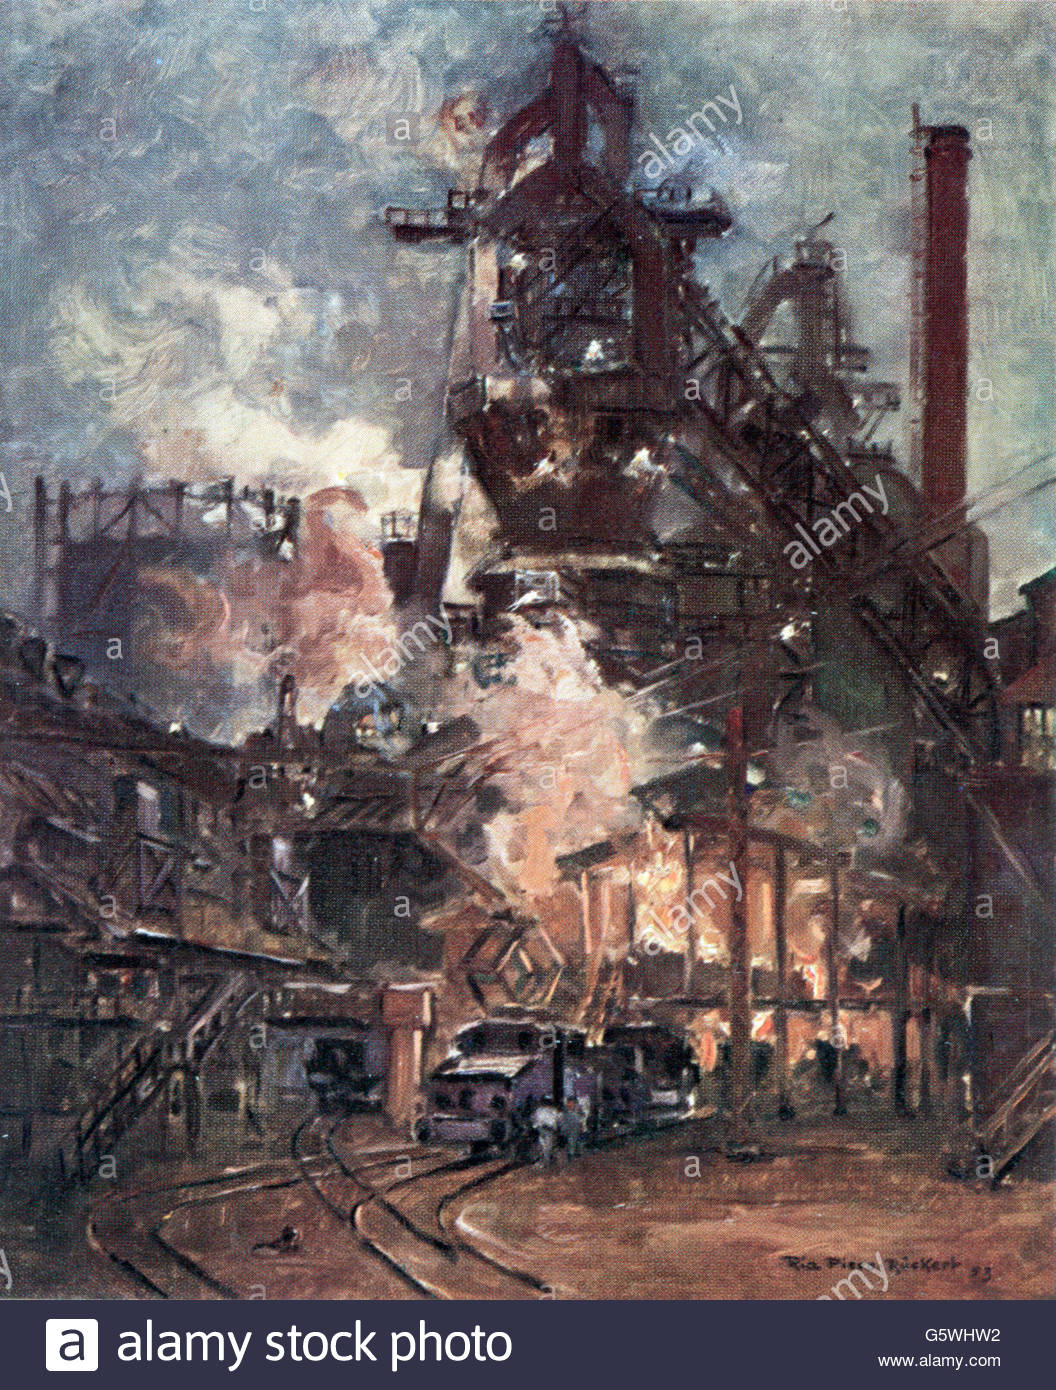 industrie, metall, stahl, gewindebohren am ofen, kunst postkarte